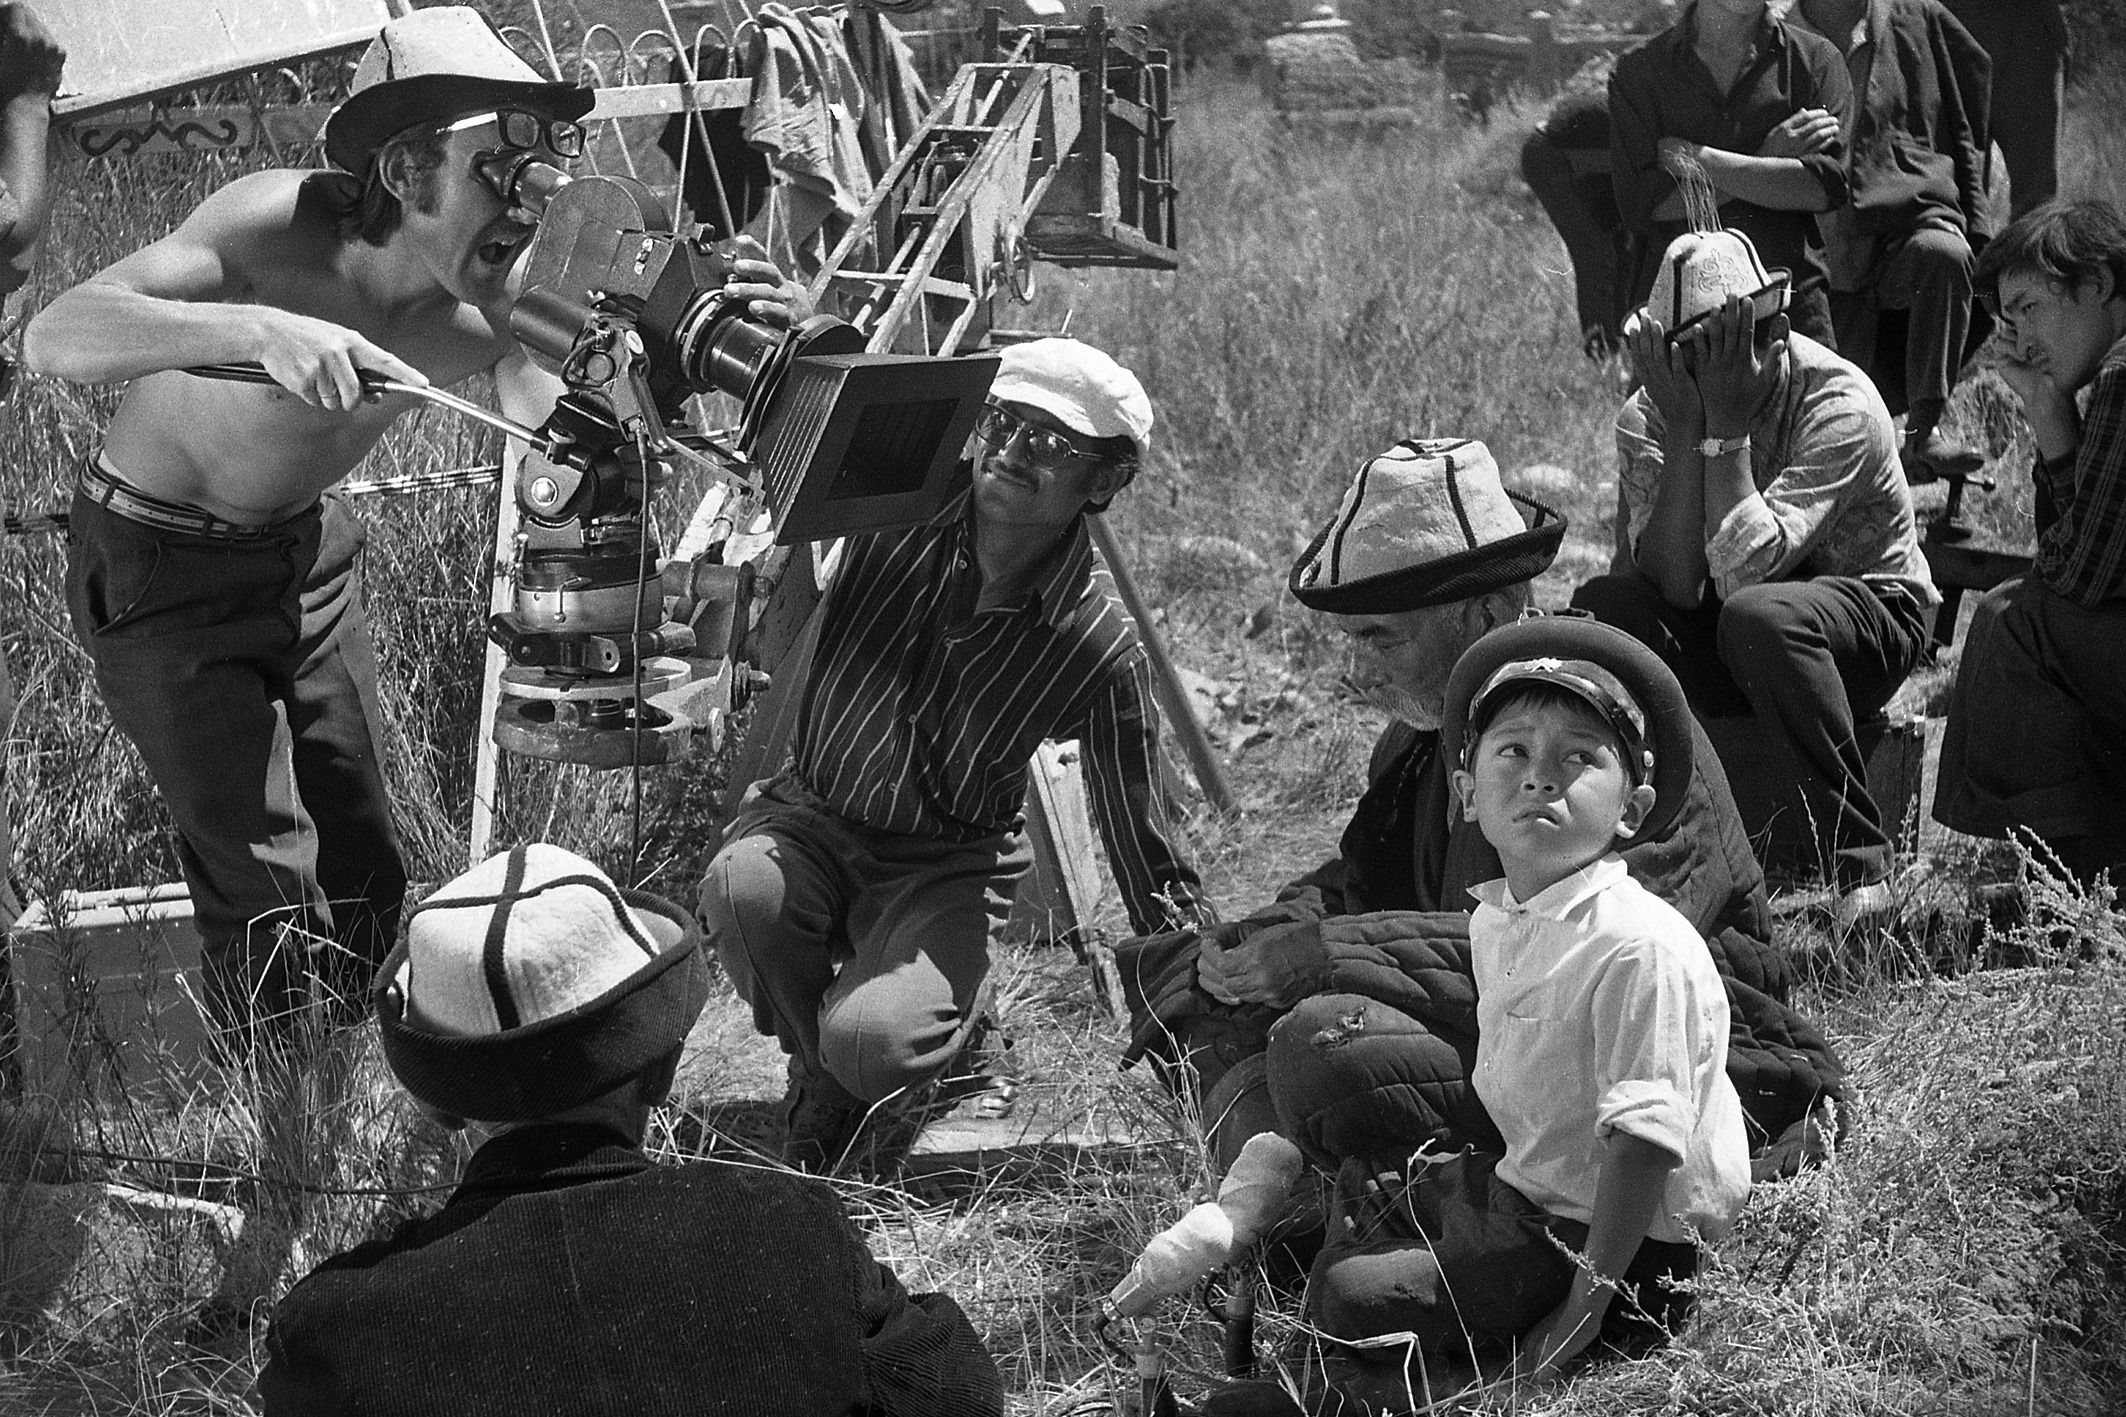 Фотография семилетнего актера Нургазы Сыдыгалиева в окружении съемочной группы была сделана в 1974 году на кладбище в селе Орто-Орукту Иссык-Кульской области.